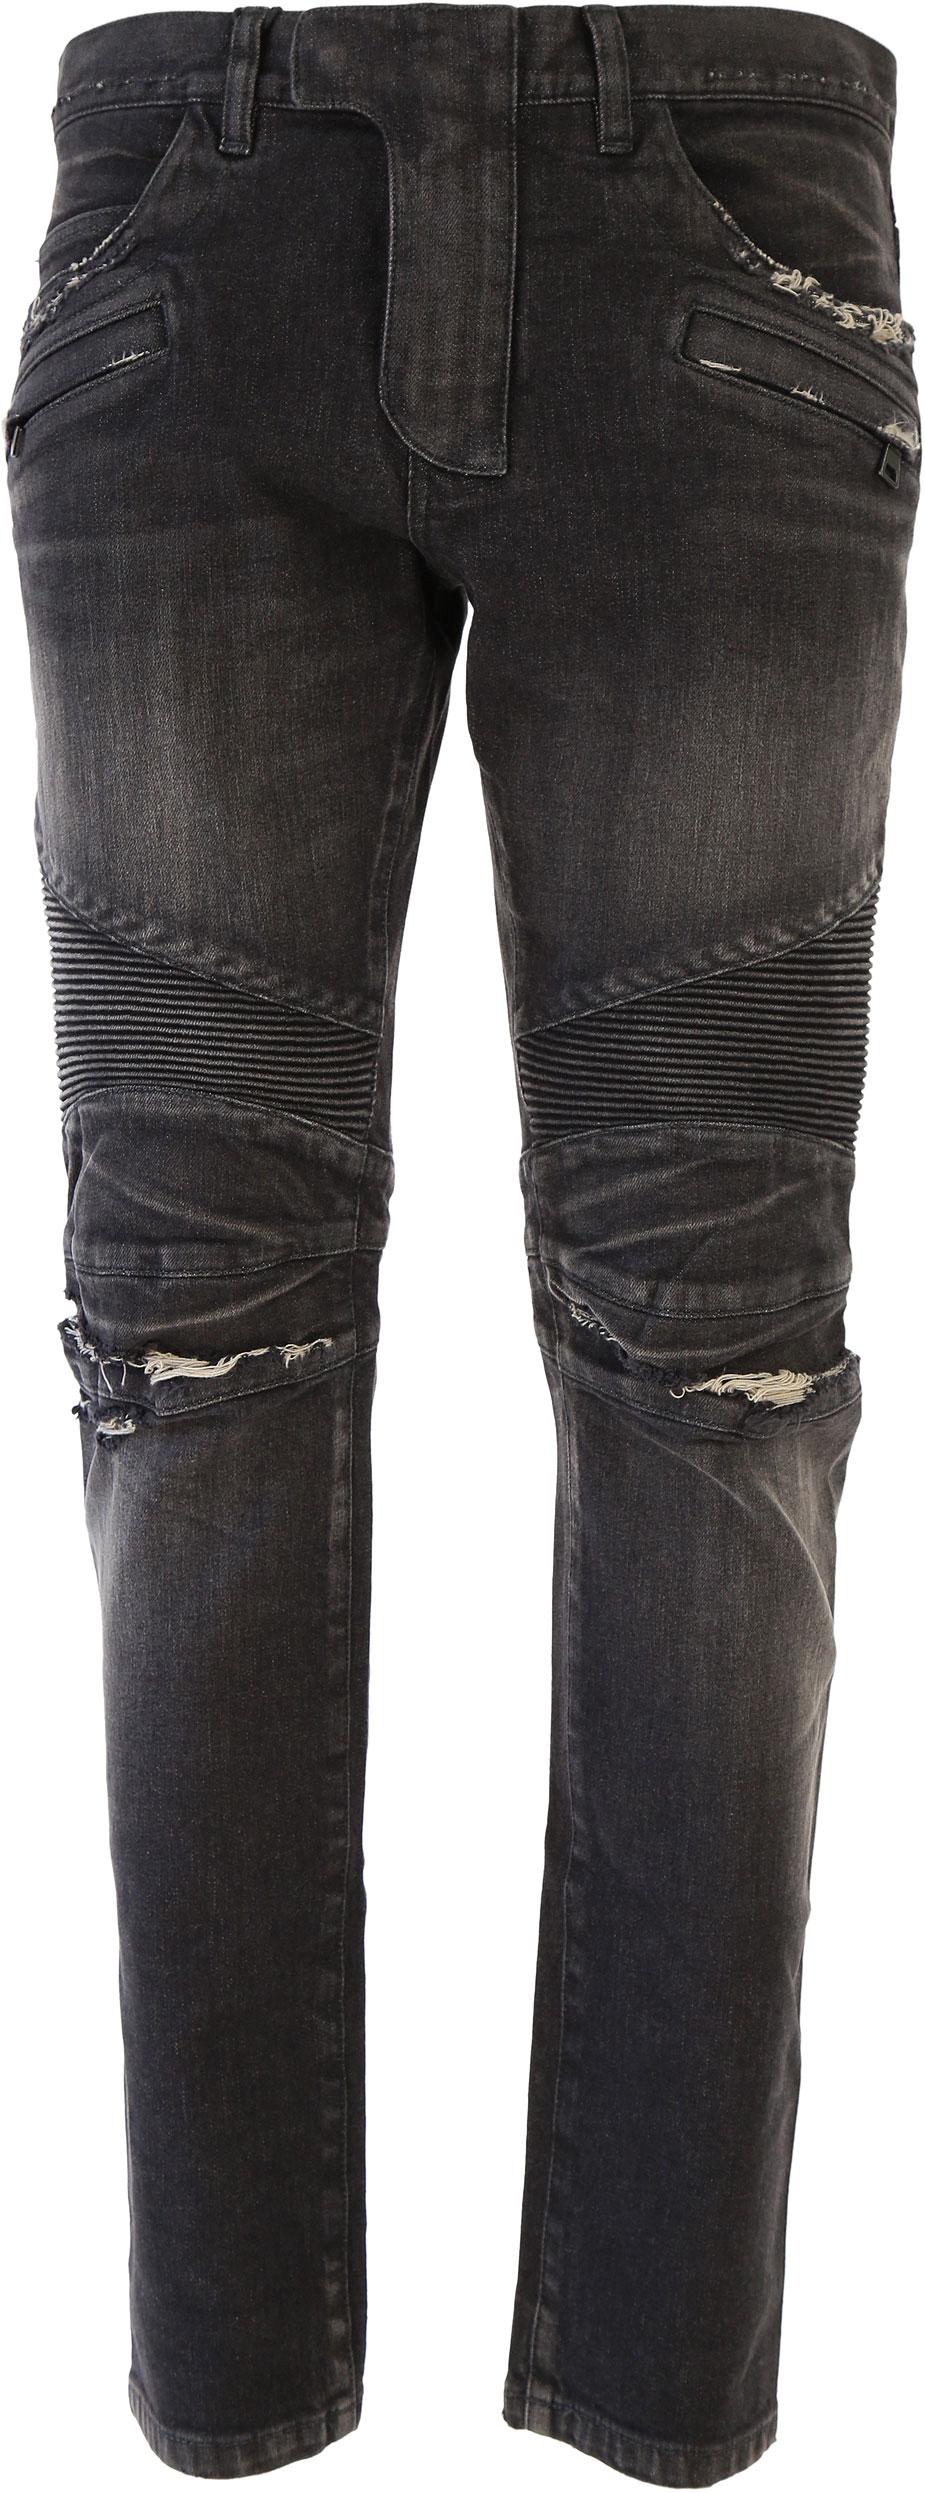 Abbigliamento Uomo Balmain Codice Articolo P0ht551c-710v-176